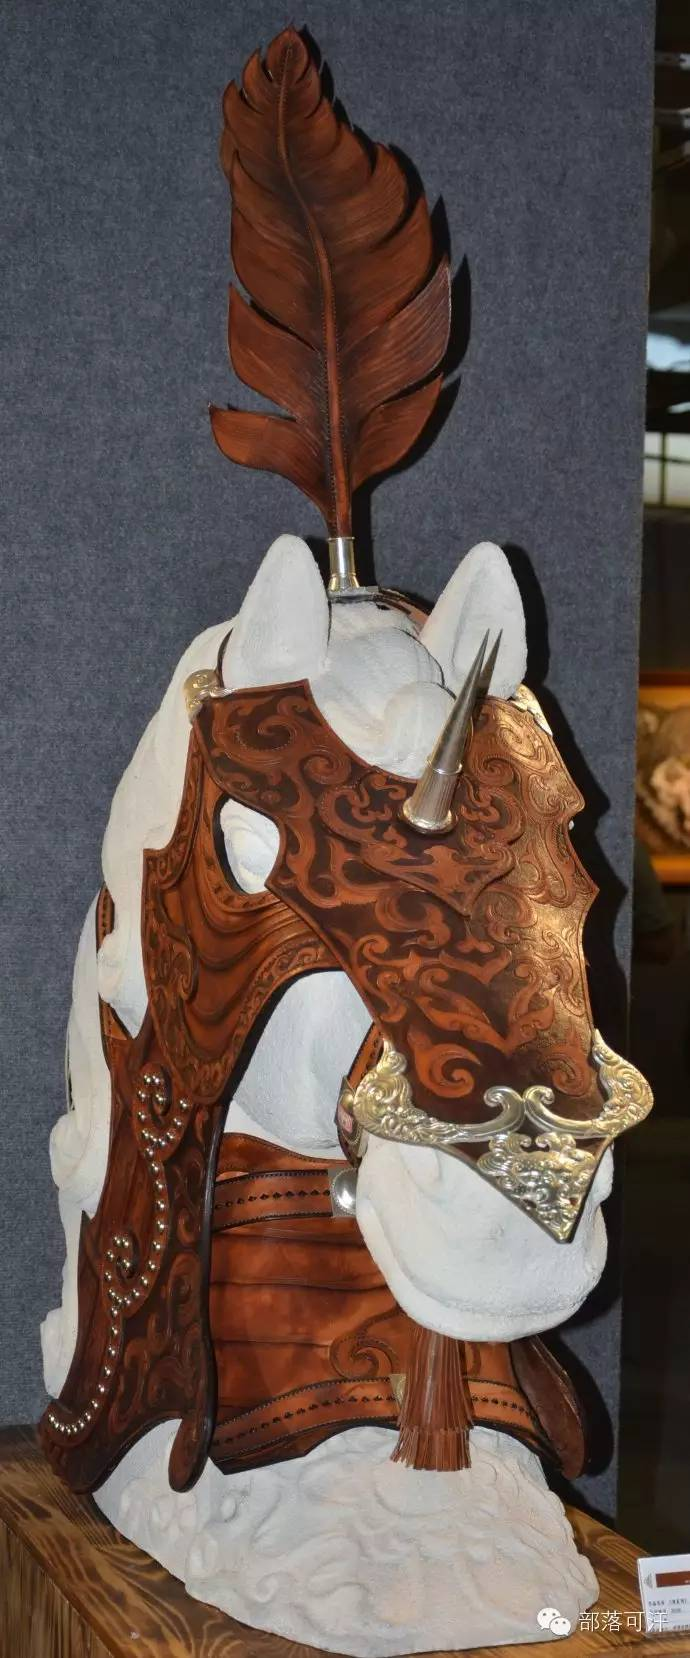 蒙古族皮画皮雕艺术欣赏 第3张 蒙古族皮画皮雕艺术欣赏 蒙古工艺